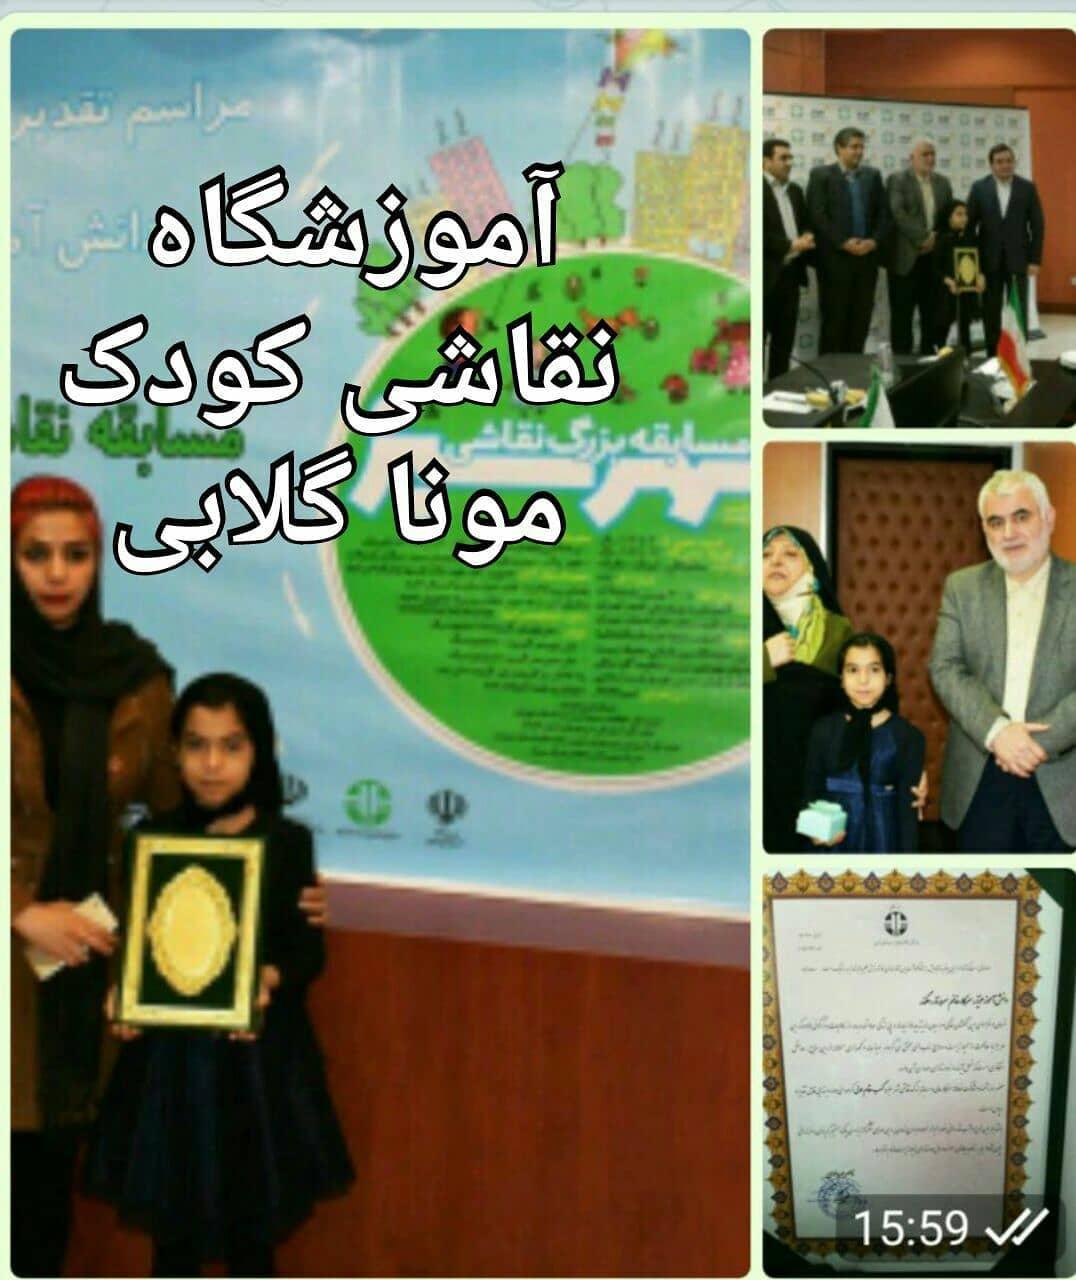 جوایز هنرجوهای آموزشگاه موناگلابی